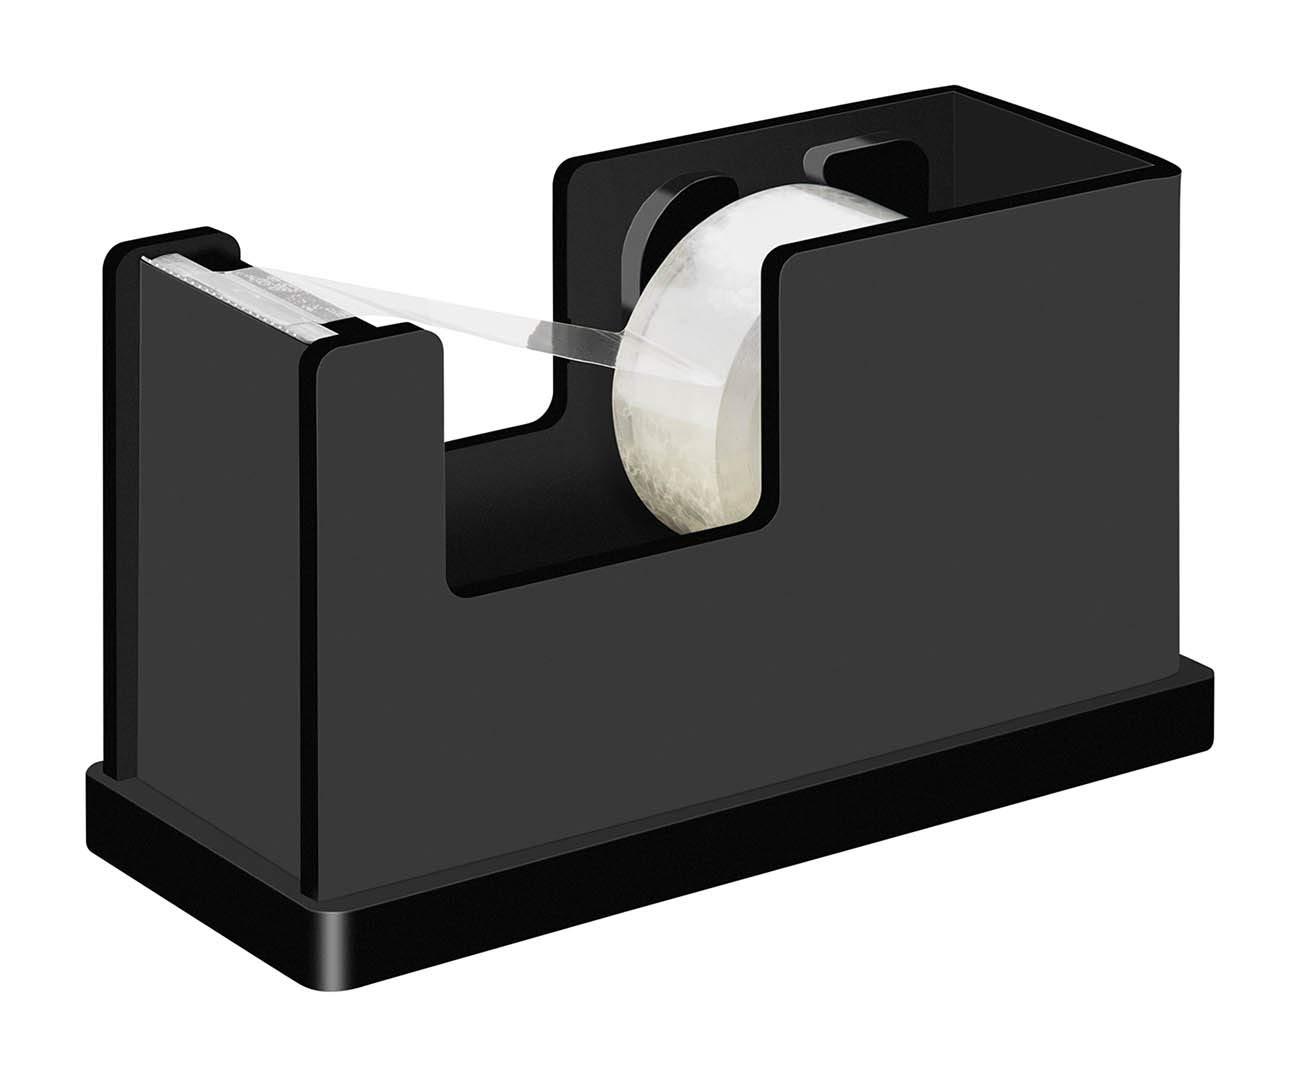 inkl Klebefilm 4 x 7 cm f/ür Rollen bis 19 mm x 33 M Gummif/ü/ße Schwarz 11 im Geschenkkarton Wedo 639001 Klebefilmabroller Black Office Acrylglas